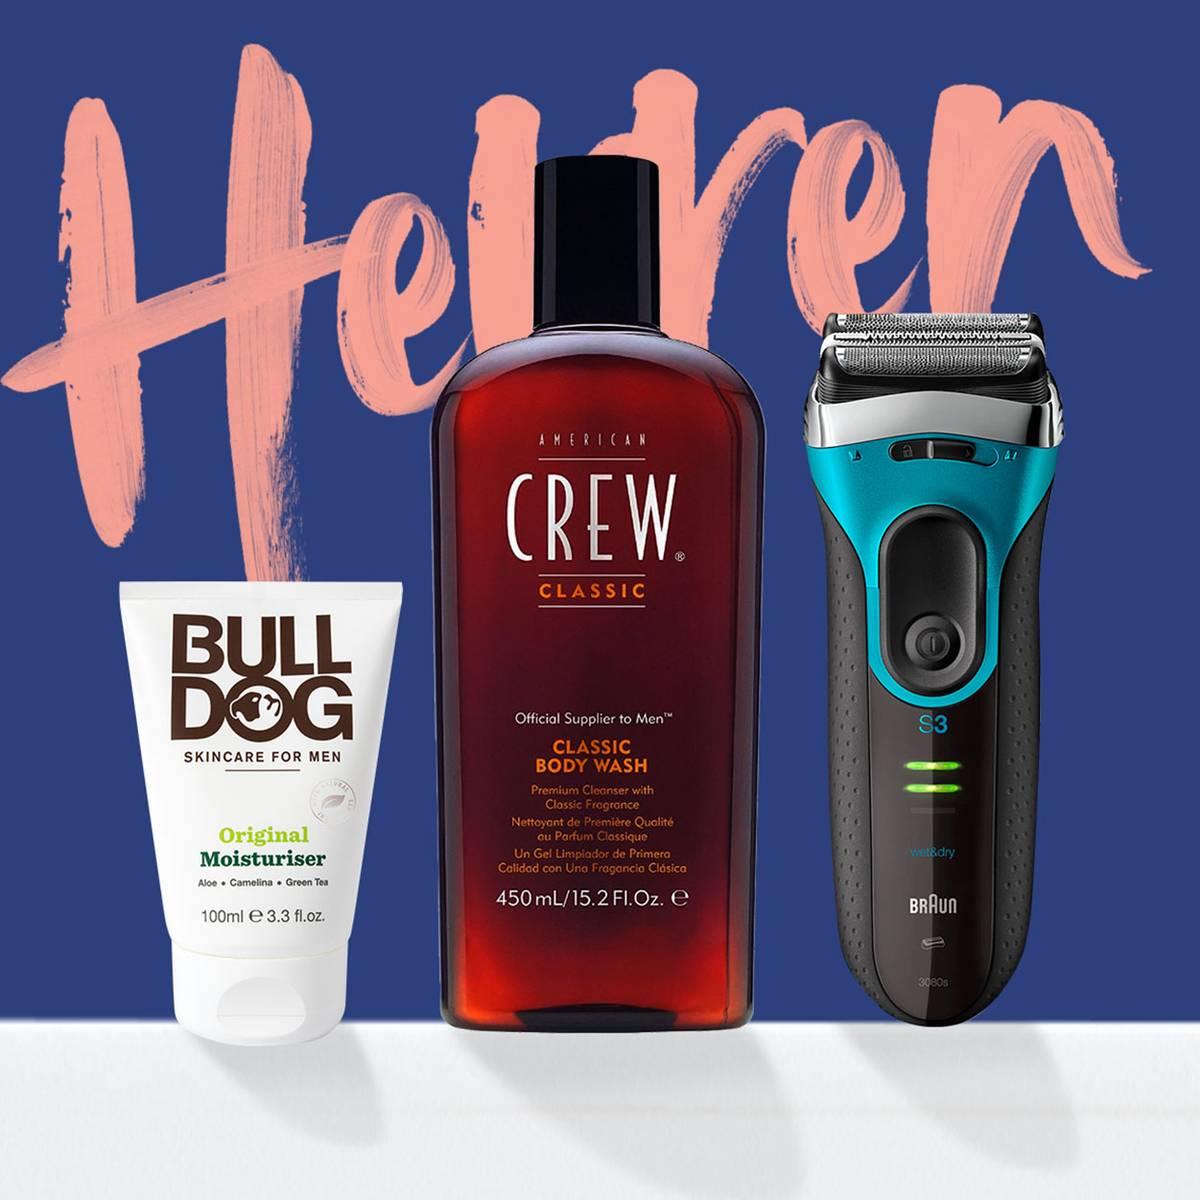 Hier findest du alles für ihn, von der Rasur, über Düfte bis hin zu Hautpflege. Mit starken Marken wie Clinique, Bulldog und American Crew.